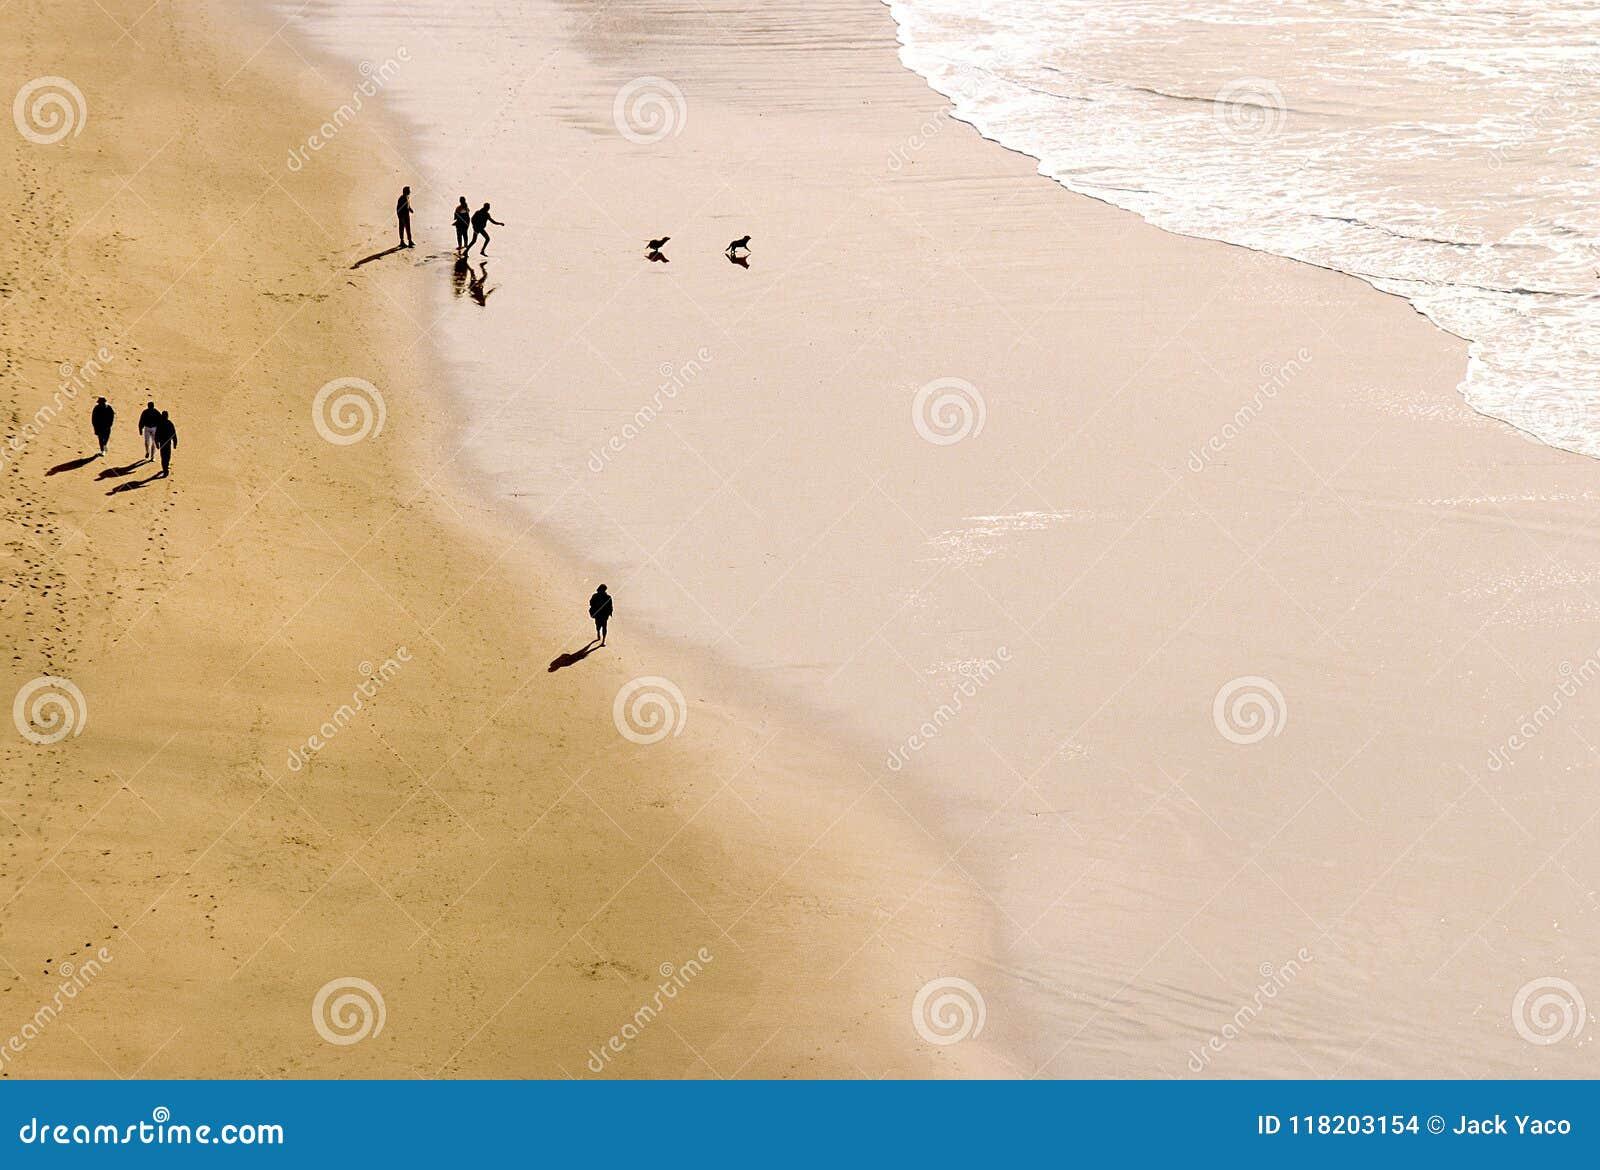 Personnes silhouettées jouant avec un chien sur la plage